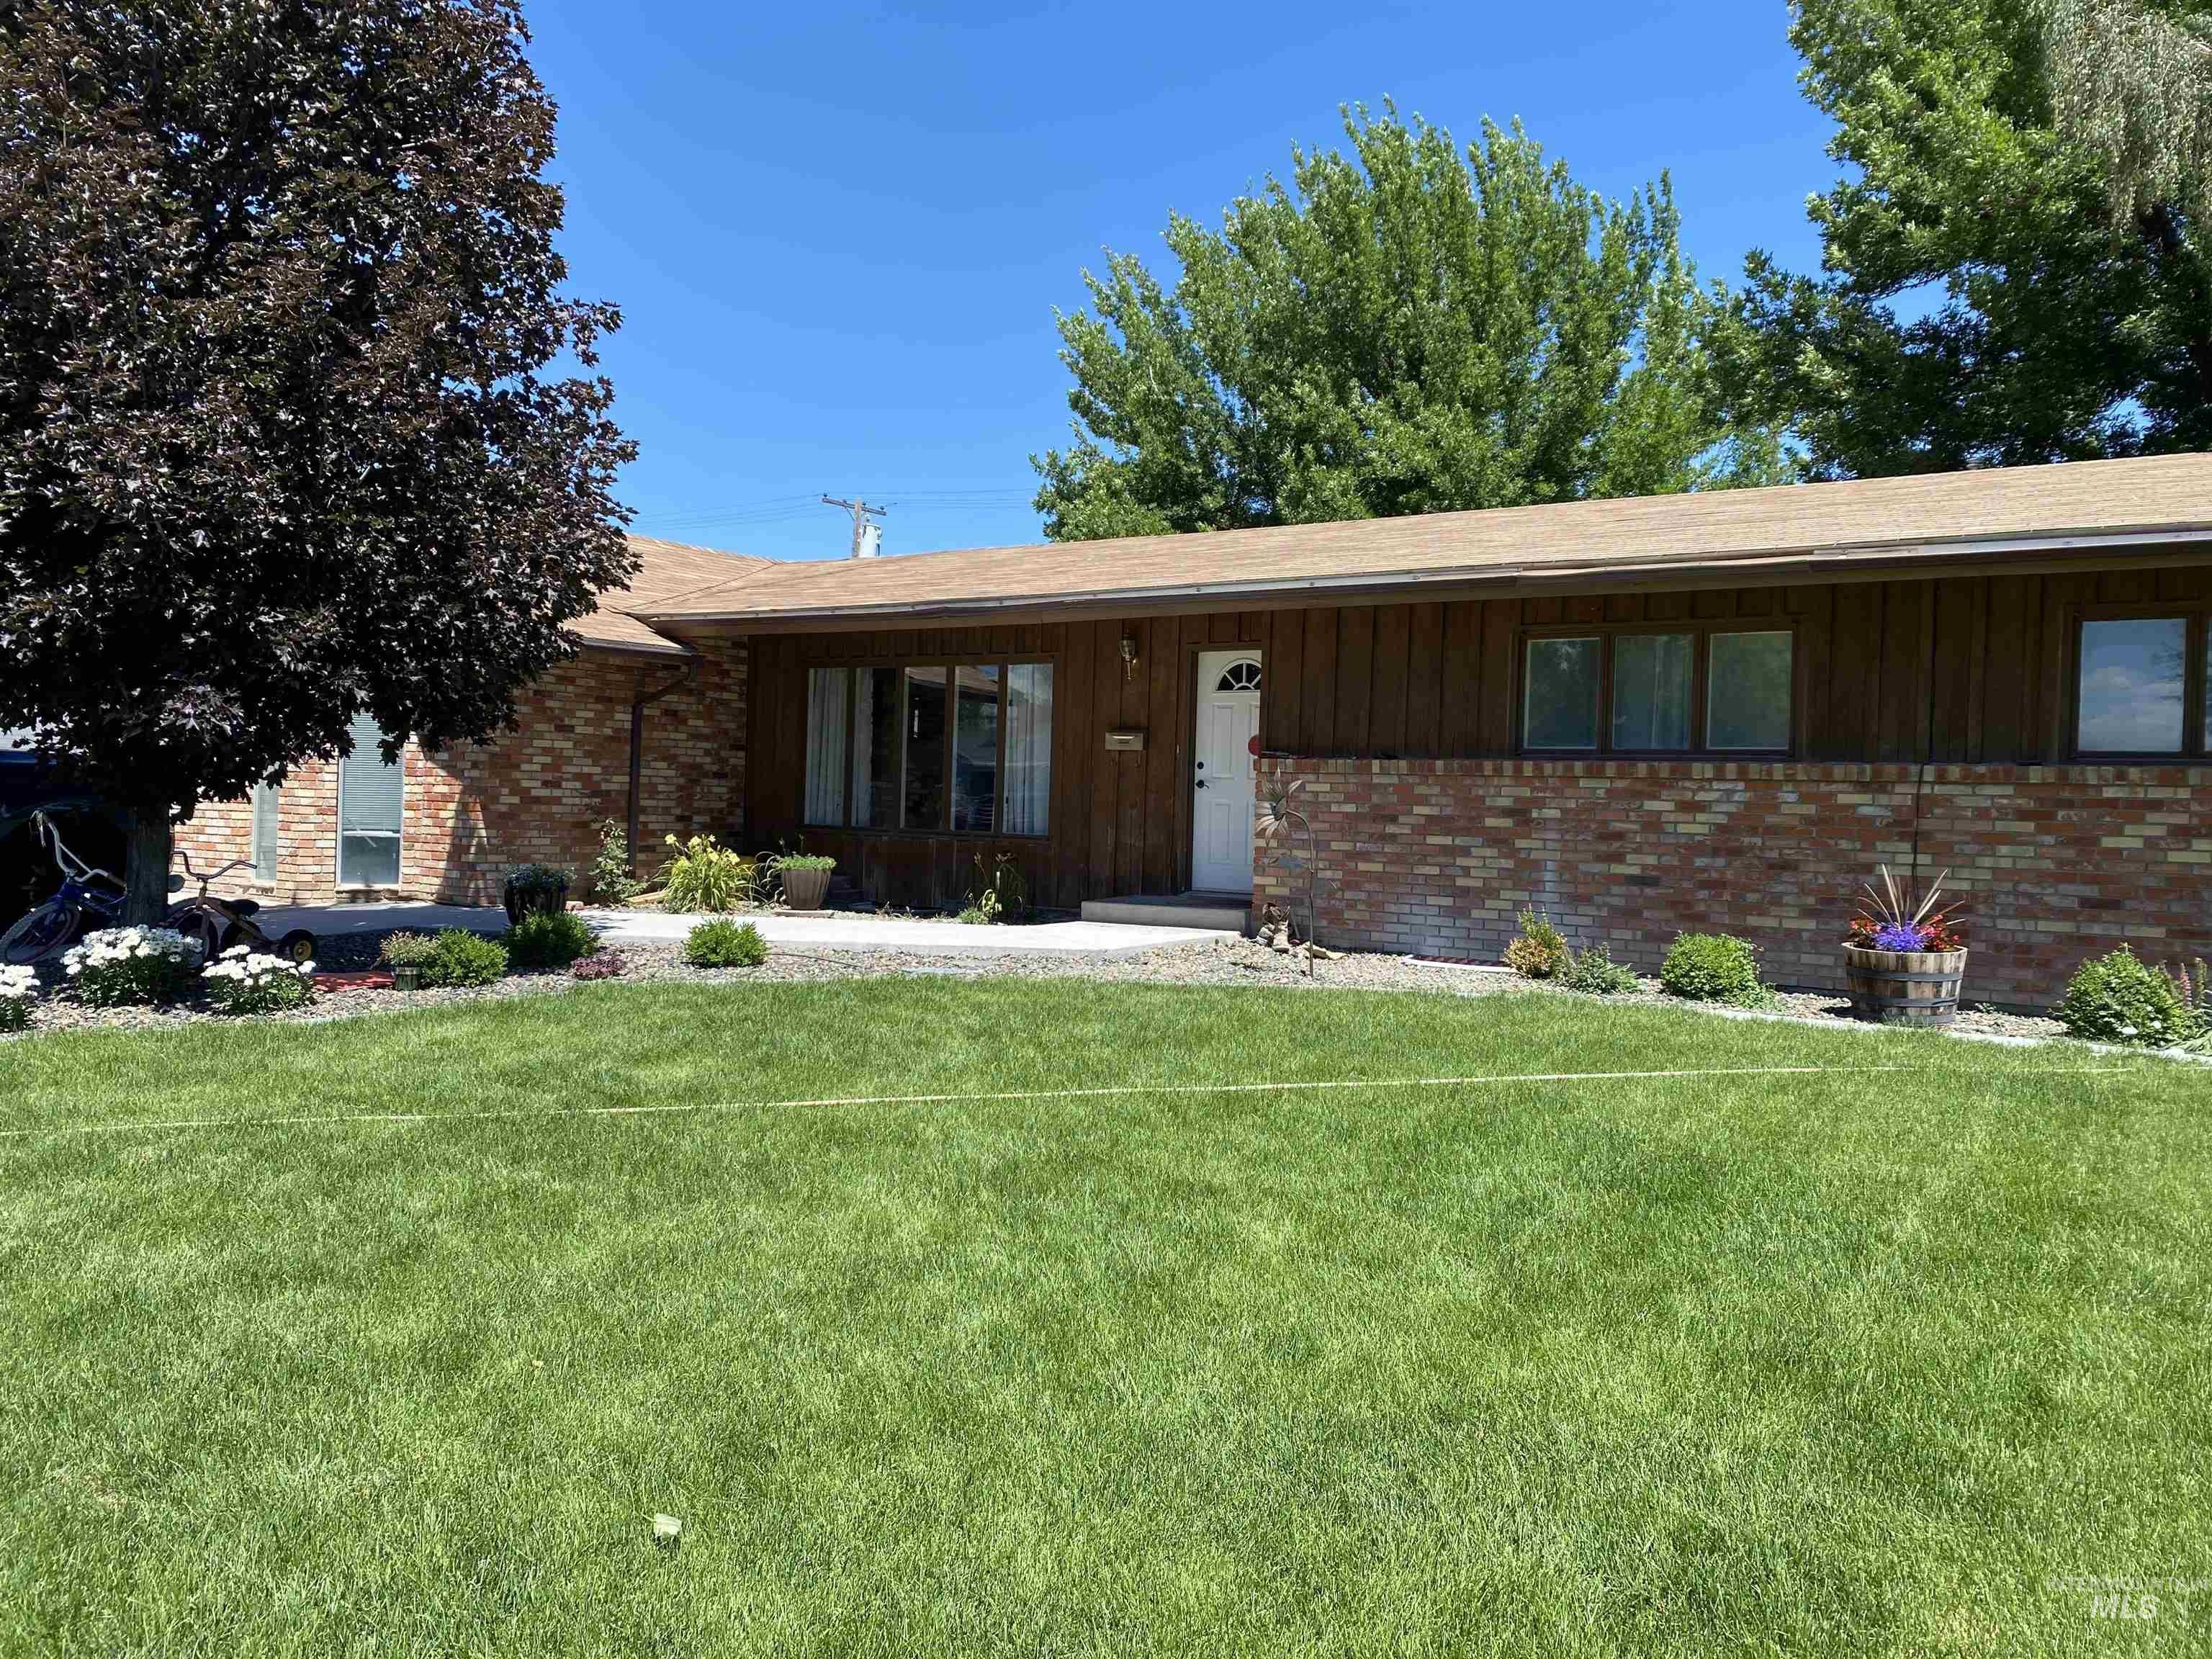 744 Fairmont St Property Photo